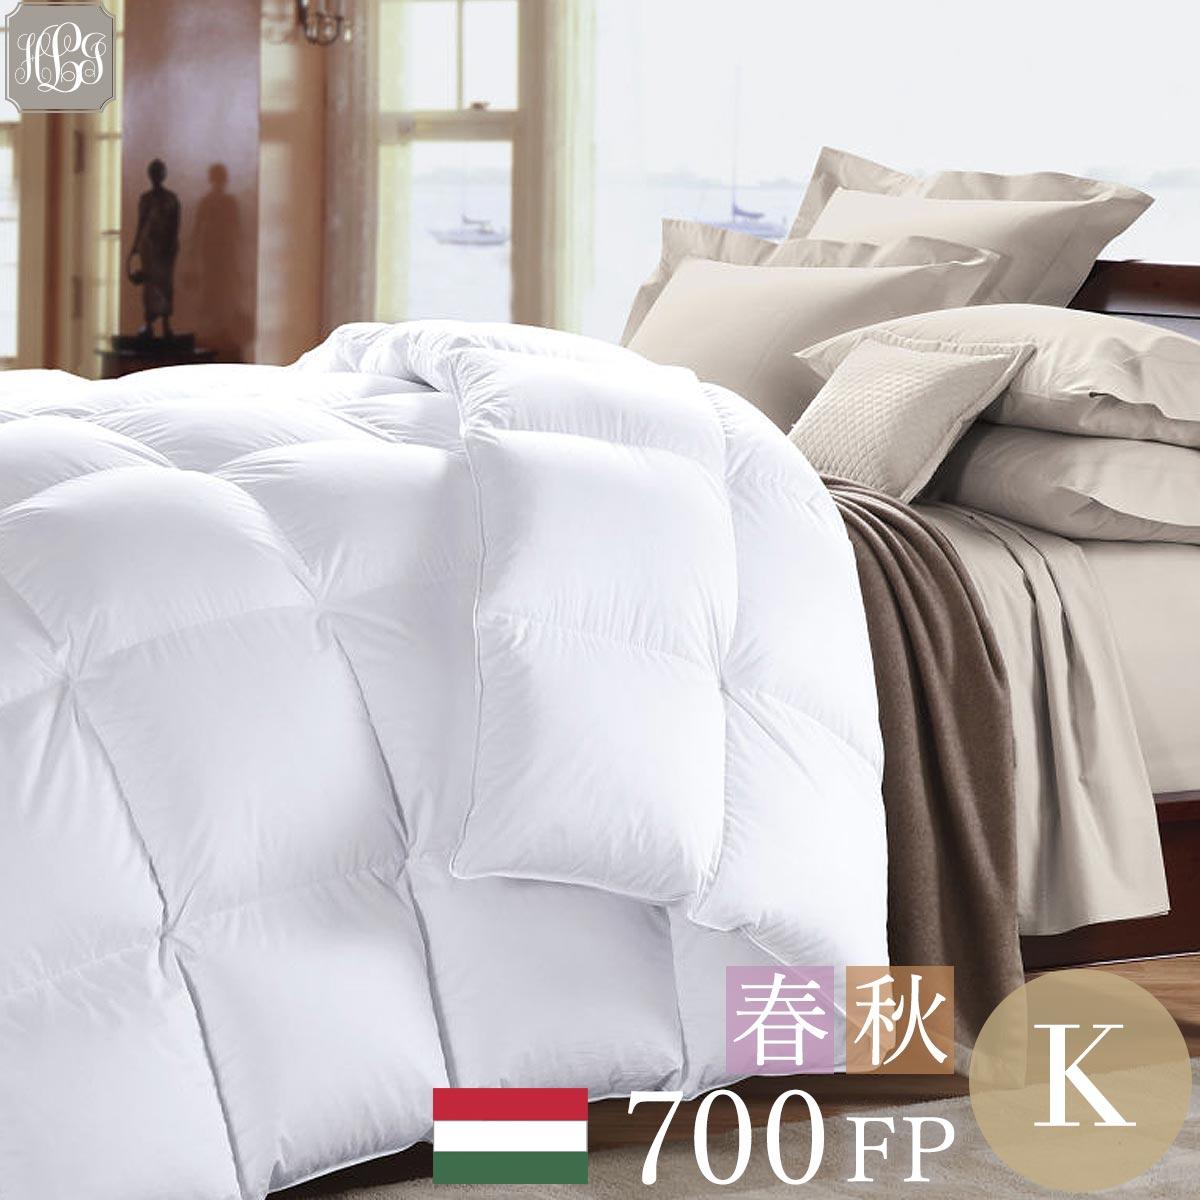 羽毛布団 キング 230cmx210cm 春秋用 通年使用 700FPヨーロピアンホワイトグースダウン 高級ホテル 超長綿100